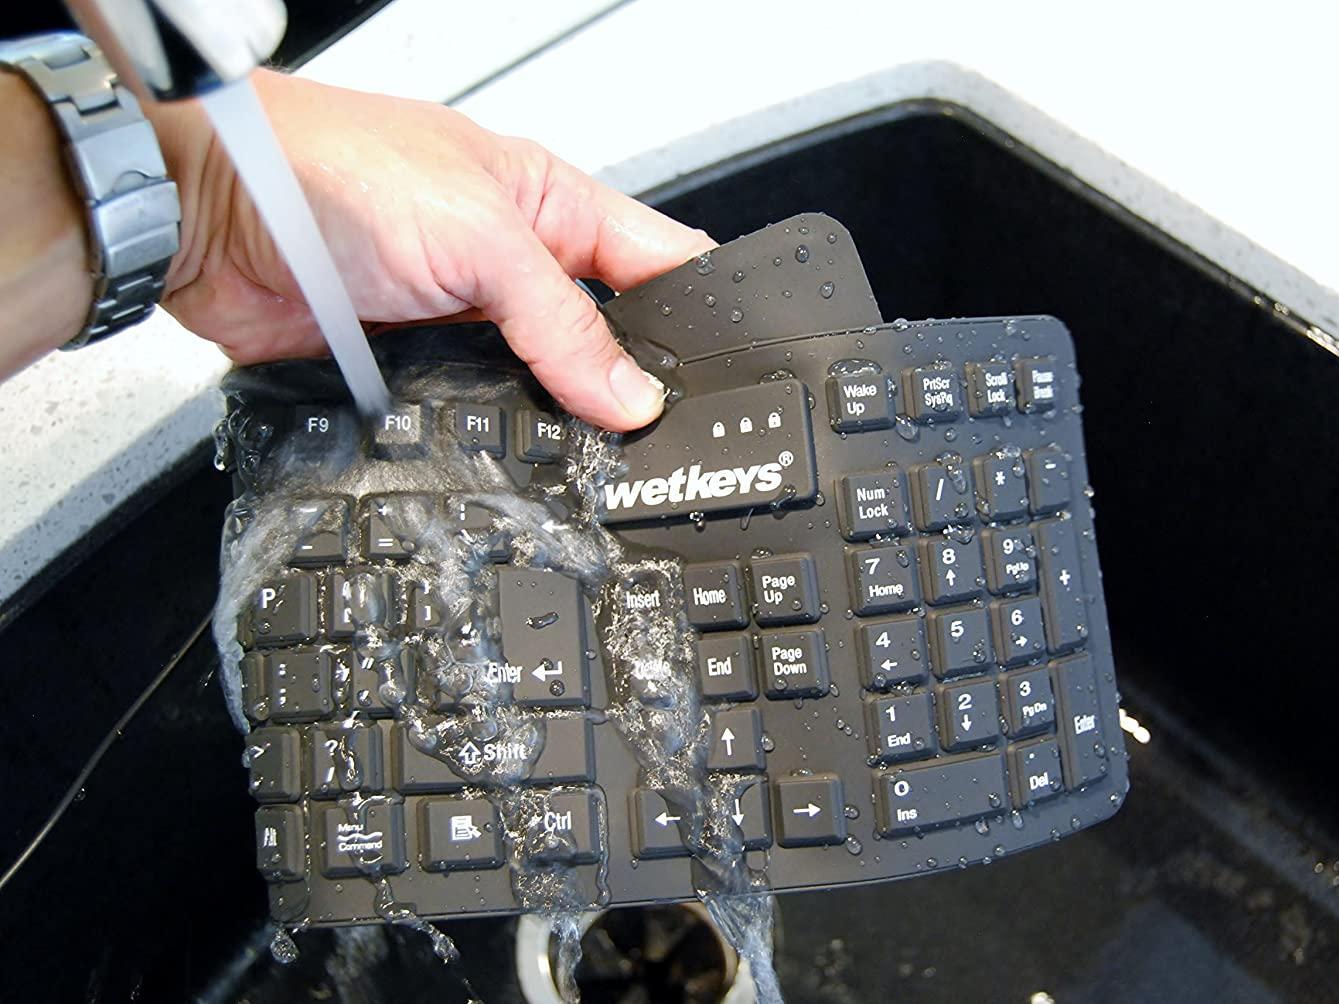 wet-keys.jpg